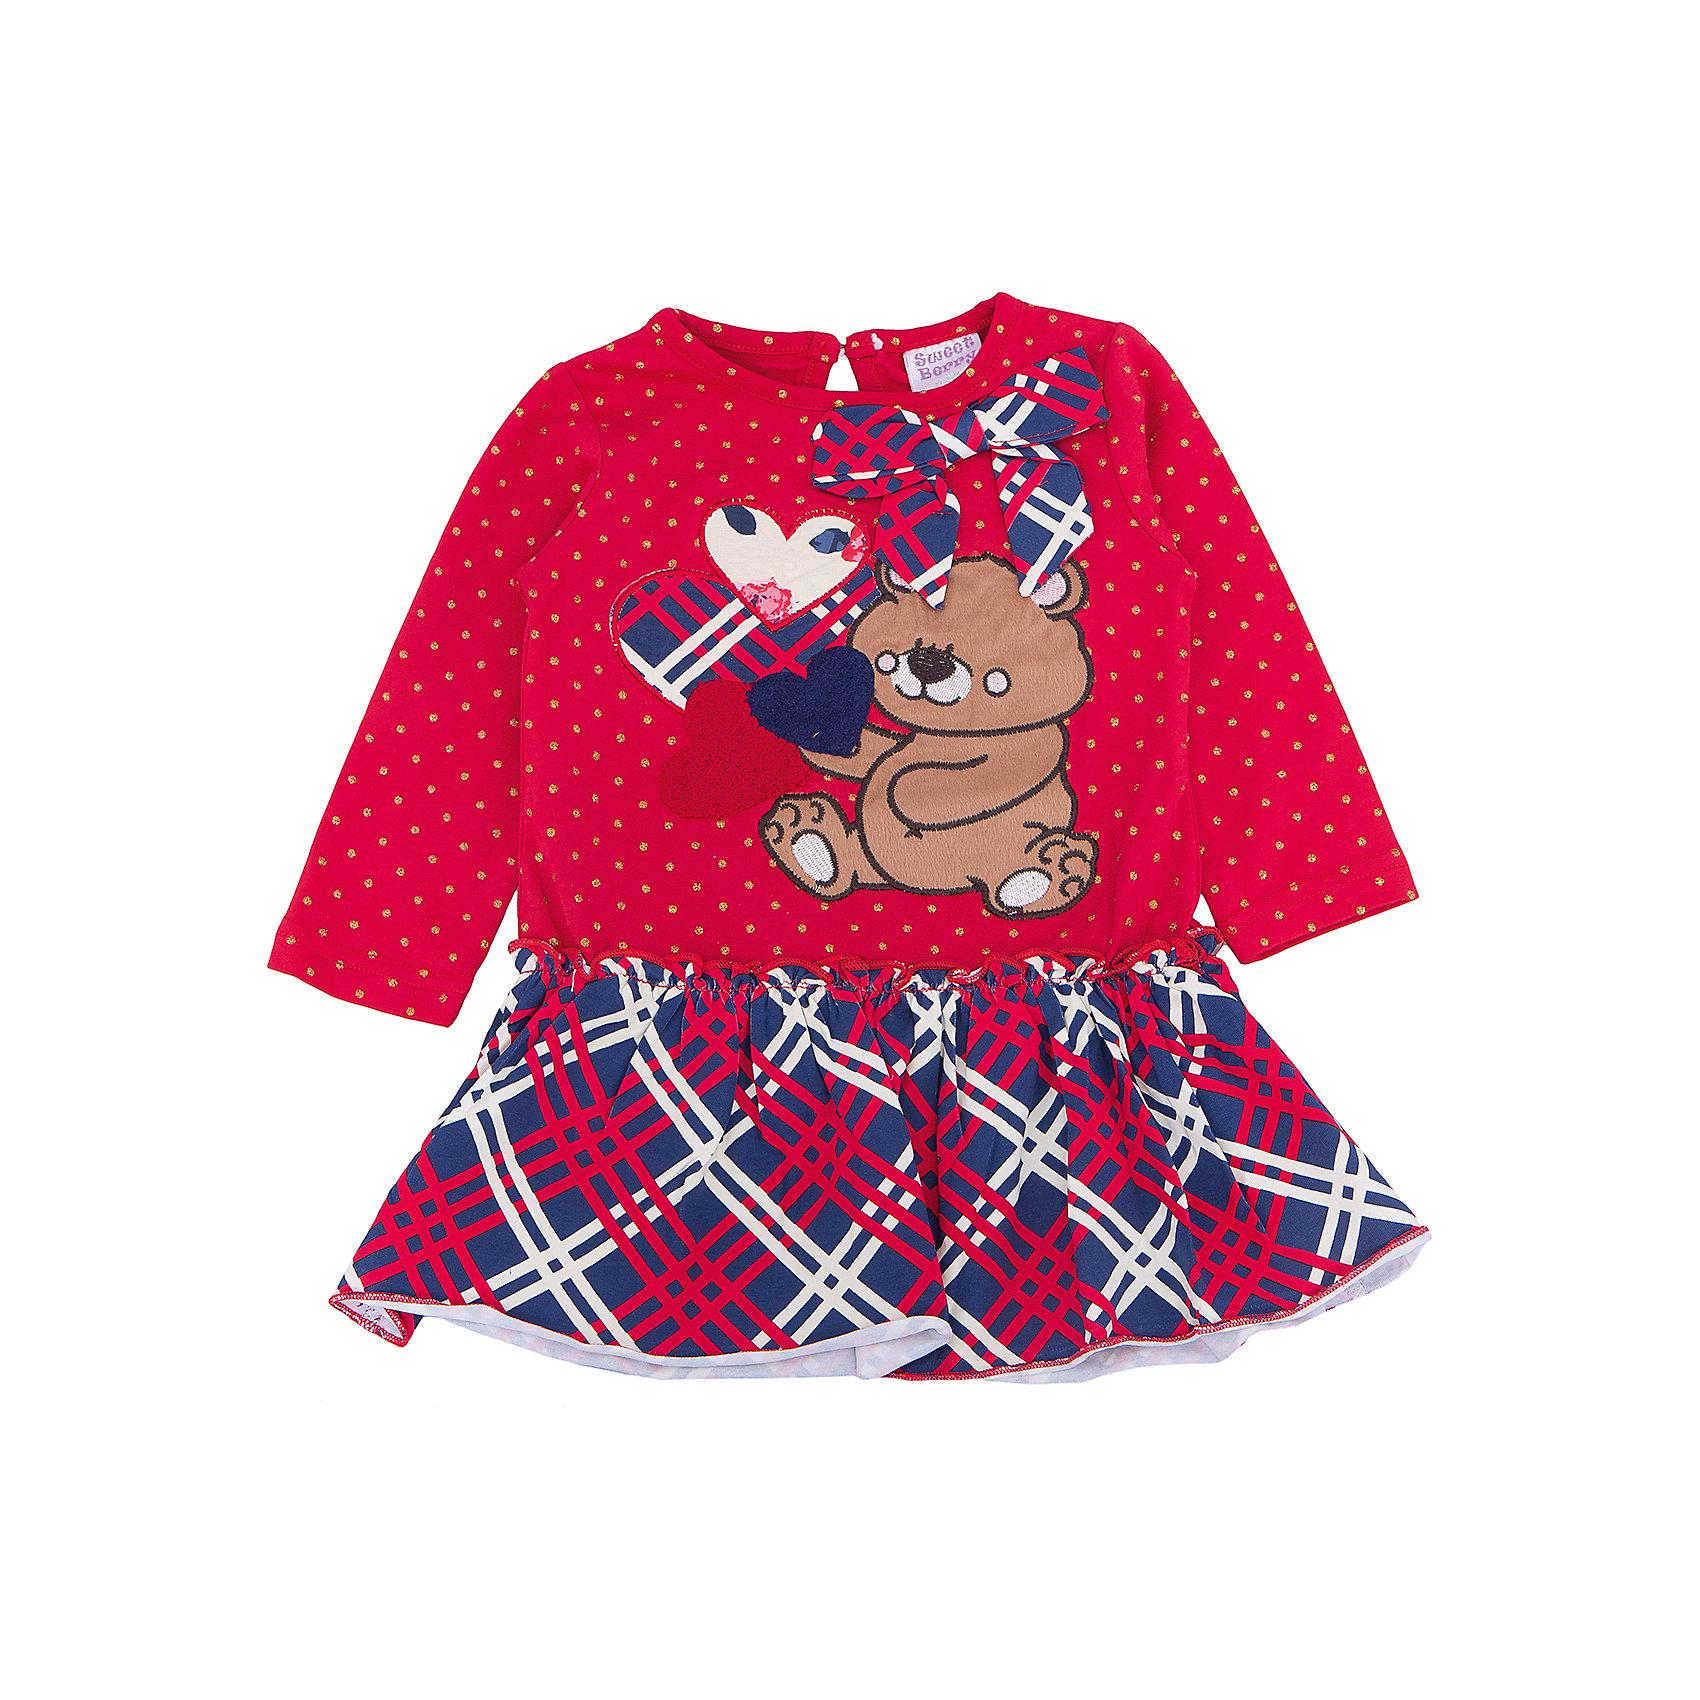 Платье для девочки Sweet BerryПлатья и сарафаны<br>Такое платье отличается модным дизайном с принтом и бантом. Удачный крой обеспечит ребенку комфорт и тепло. Плотный материал делает вещь идеальной для прохладной погоды. Она хорошо прилегает к телу там, где нужно, и отлично сидит по фигуре. Натуральный хлопок в составе трикотажа обеспечит коже возможность дышать и не вызовет аллергии.<br>Одежда от бренда Sweet Berry - это простой и выгодный способ одеть ребенка удобно и стильно. Всё изделия тщательно проработаны: швы - прочные, материал - качественный, фурнитура - подобранная специально для детей.<br><br>Дополнительная информация:<br><br>цвет: красный;<br>состав: 95% хлопок, 5% эластан;<br>декорировано принтом и бантом.<br><br>Платье для девочки от бренда Sweet Berry можно купить в нашем интернет-магазине.<br><br>Ширина мм: 236<br>Глубина мм: 16<br>Высота мм: 184<br>Вес г: 177<br>Цвет: красный<br>Возраст от месяцев: 12<br>Возраст до месяцев: 15<br>Пол: Женский<br>Возраст: Детский<br>Размер: 80,98,86,92<br>SKU: 4931343